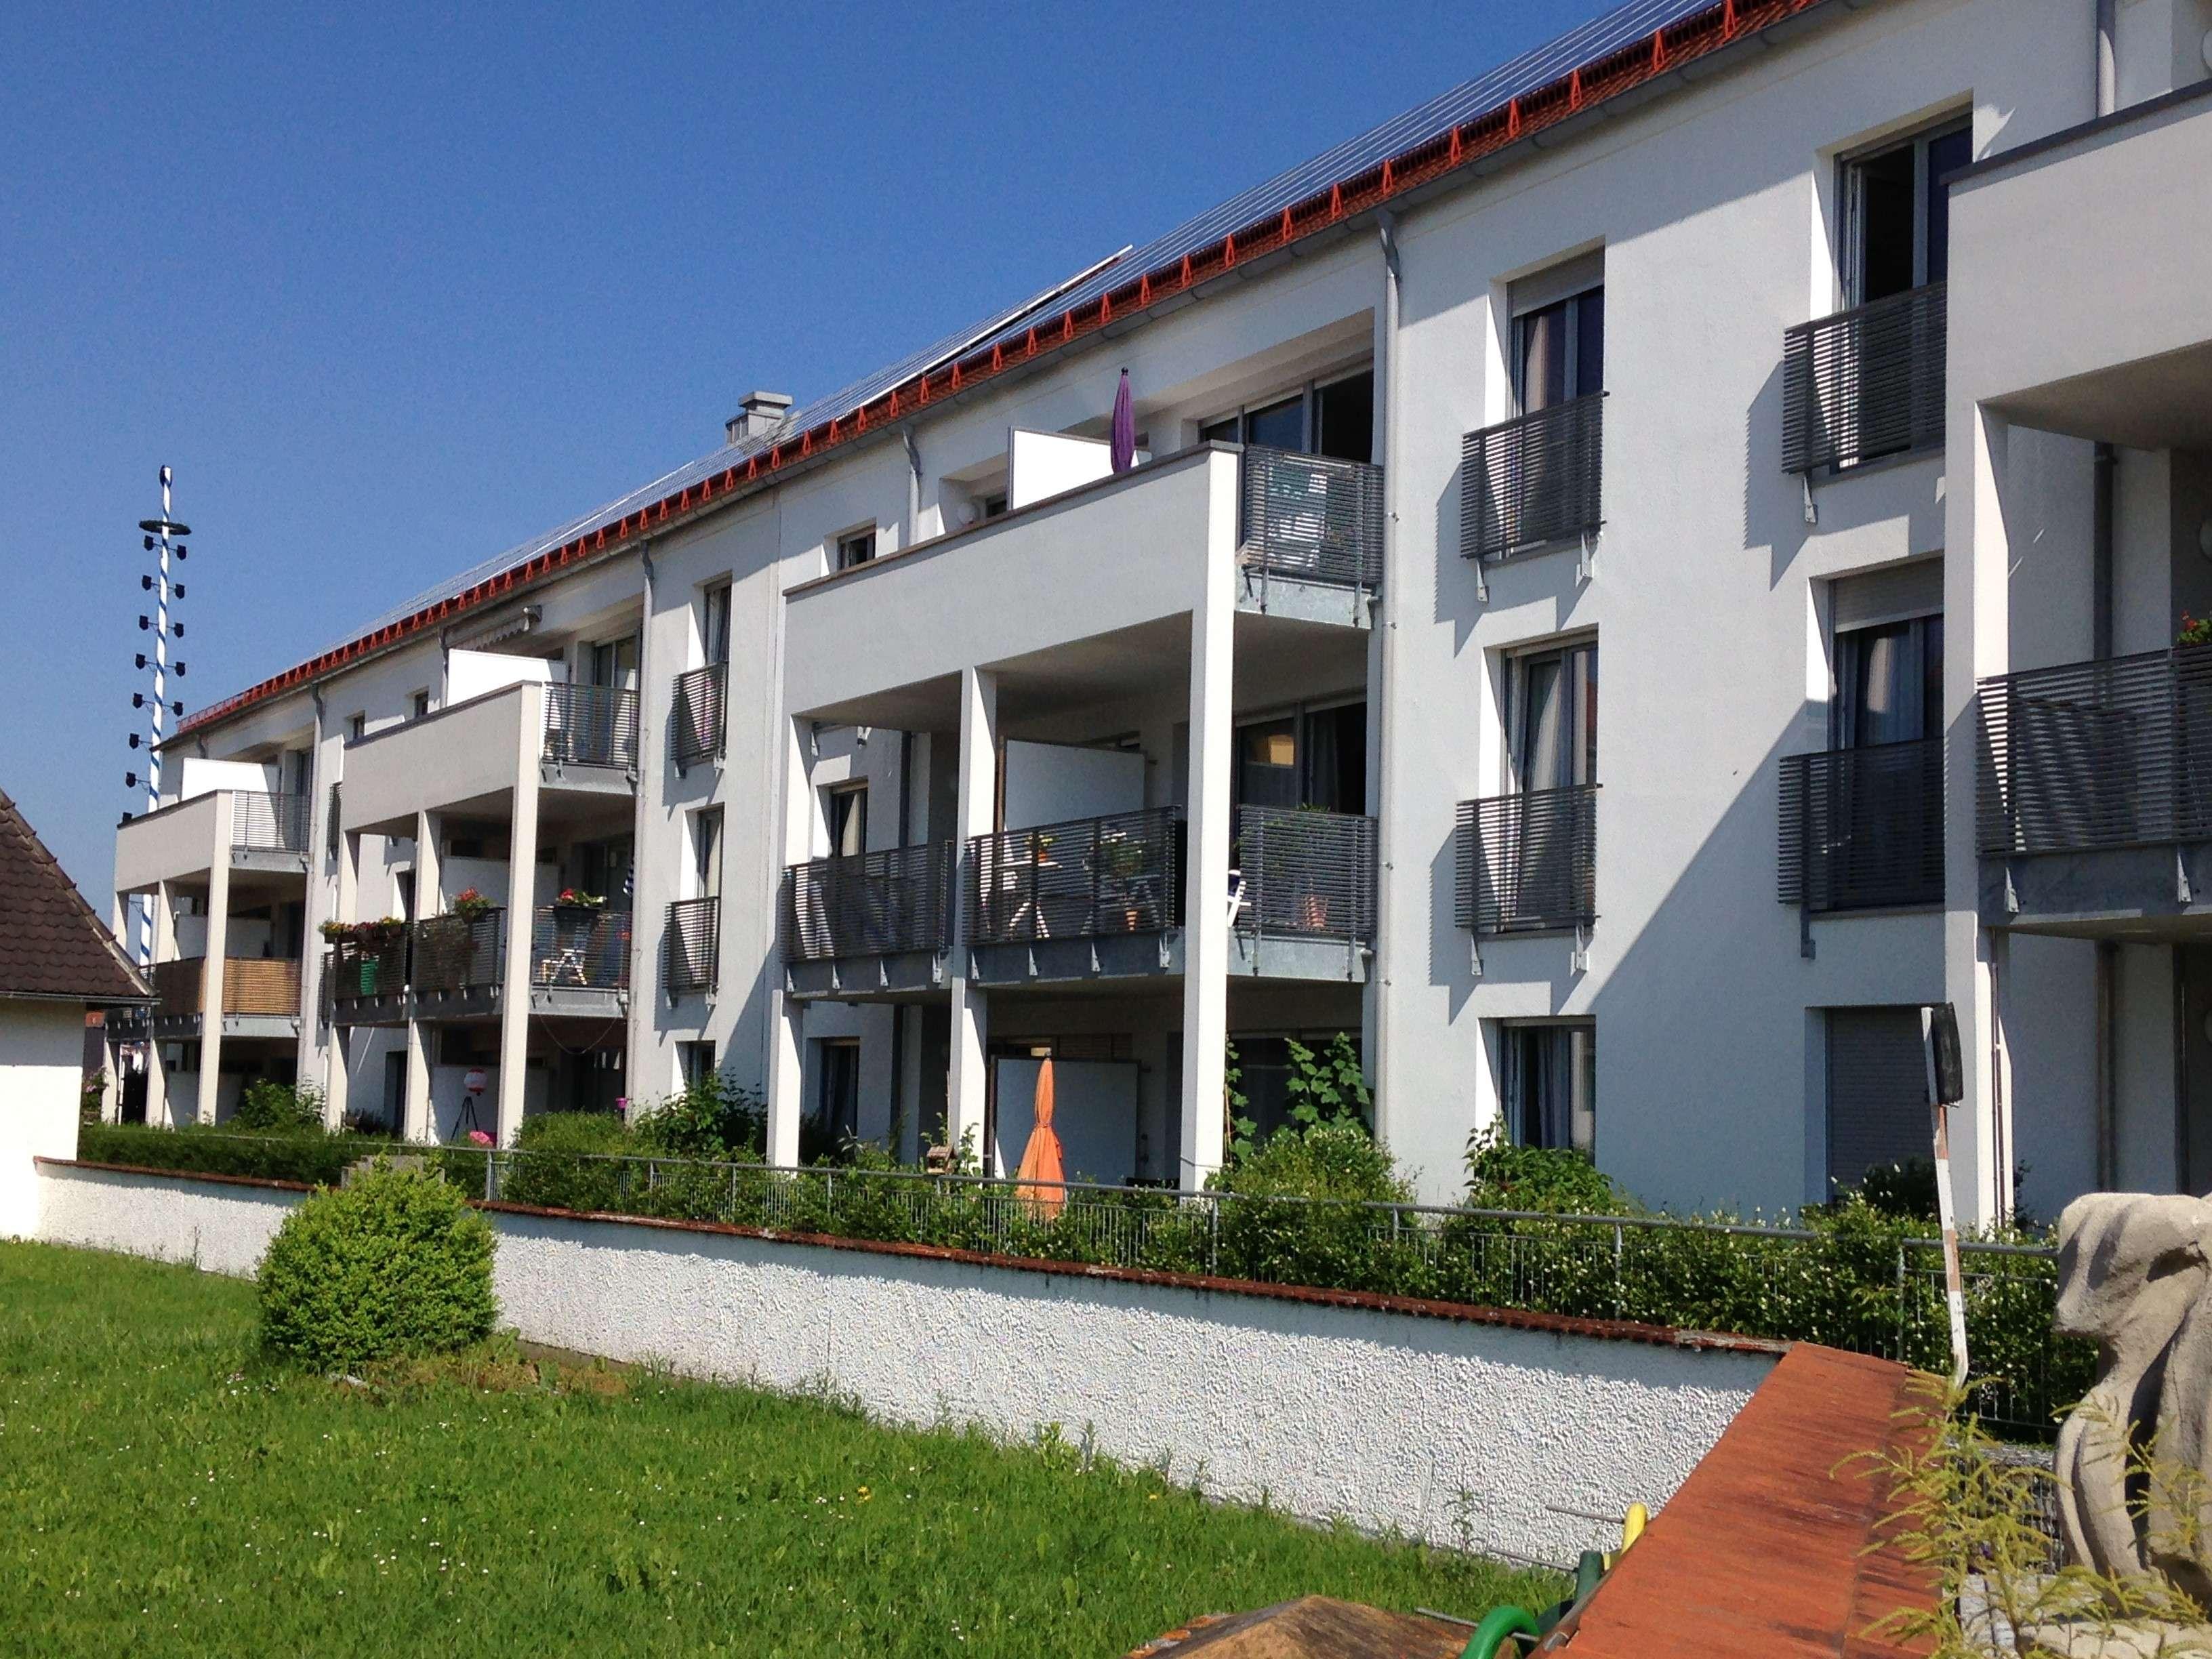 Furth b. Landshut . Betreutes Wohnen für Senioren . 3-Zimmer-Wohnung mit Balkon in Furth (Landshut)